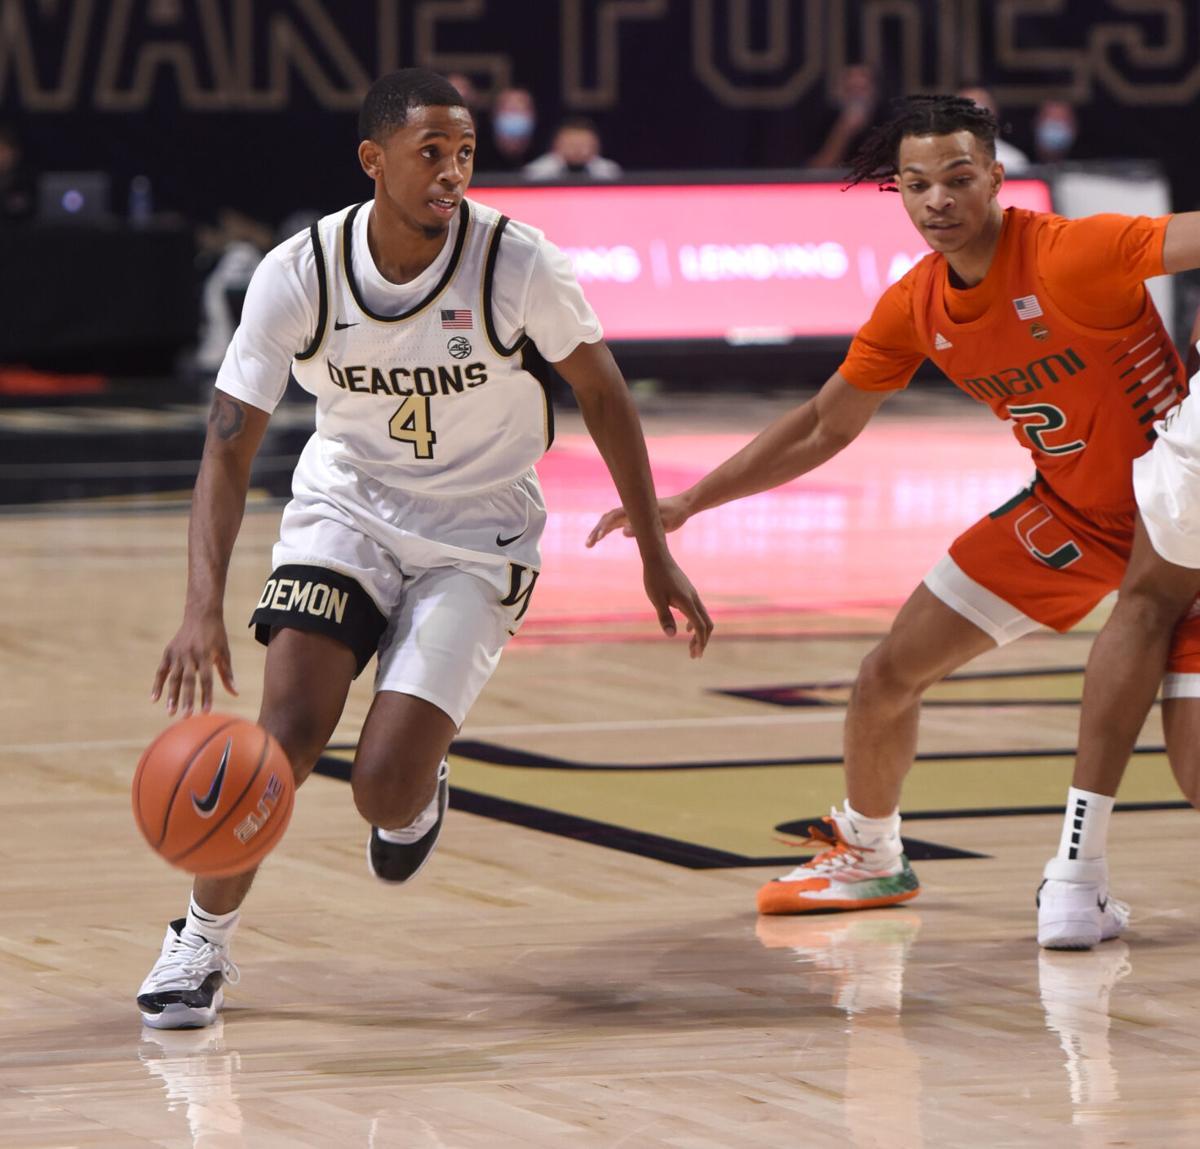 Miami Wake Forest basketball